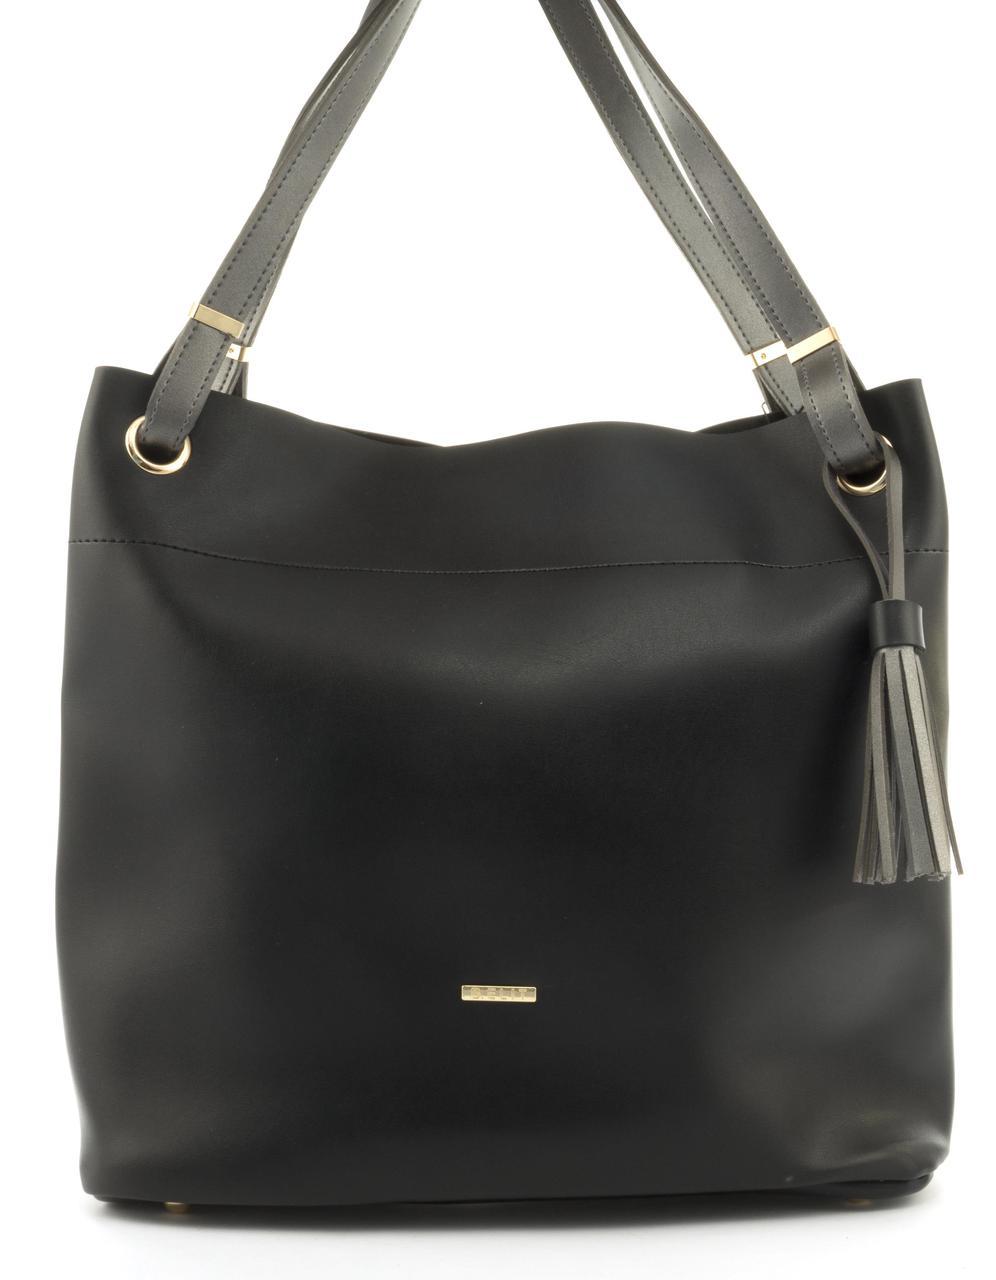 Оригинальная вместительная сумка высокого качества из эко кожи B.Elite art. 07-64 черная/серебро